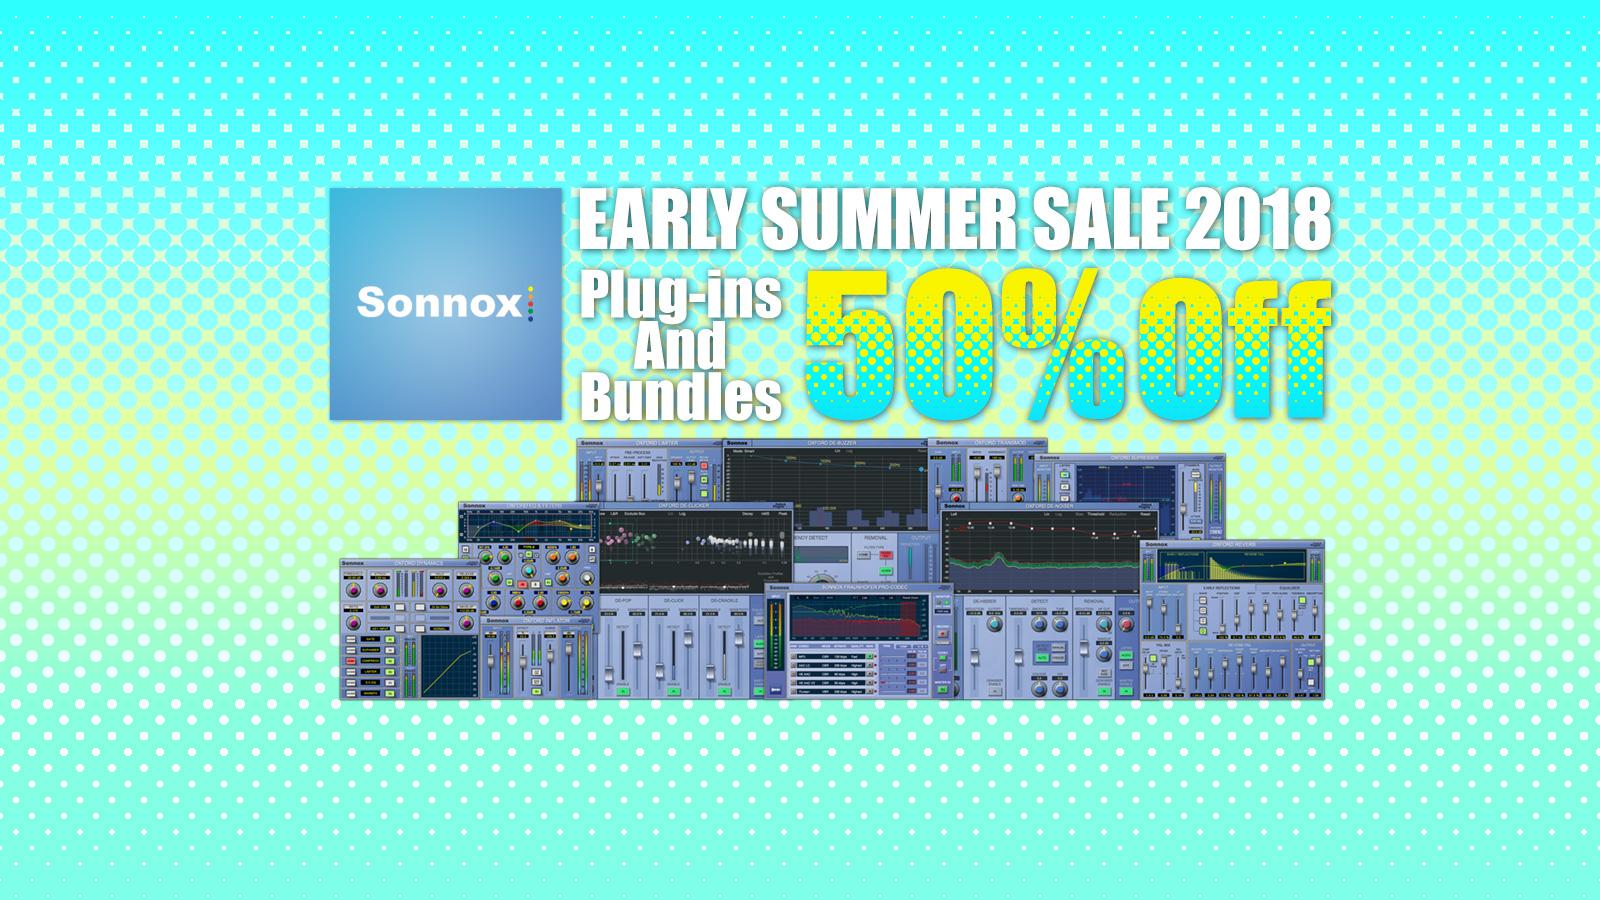 全品50% OFF! Sonnox Early Summer Sale 2018